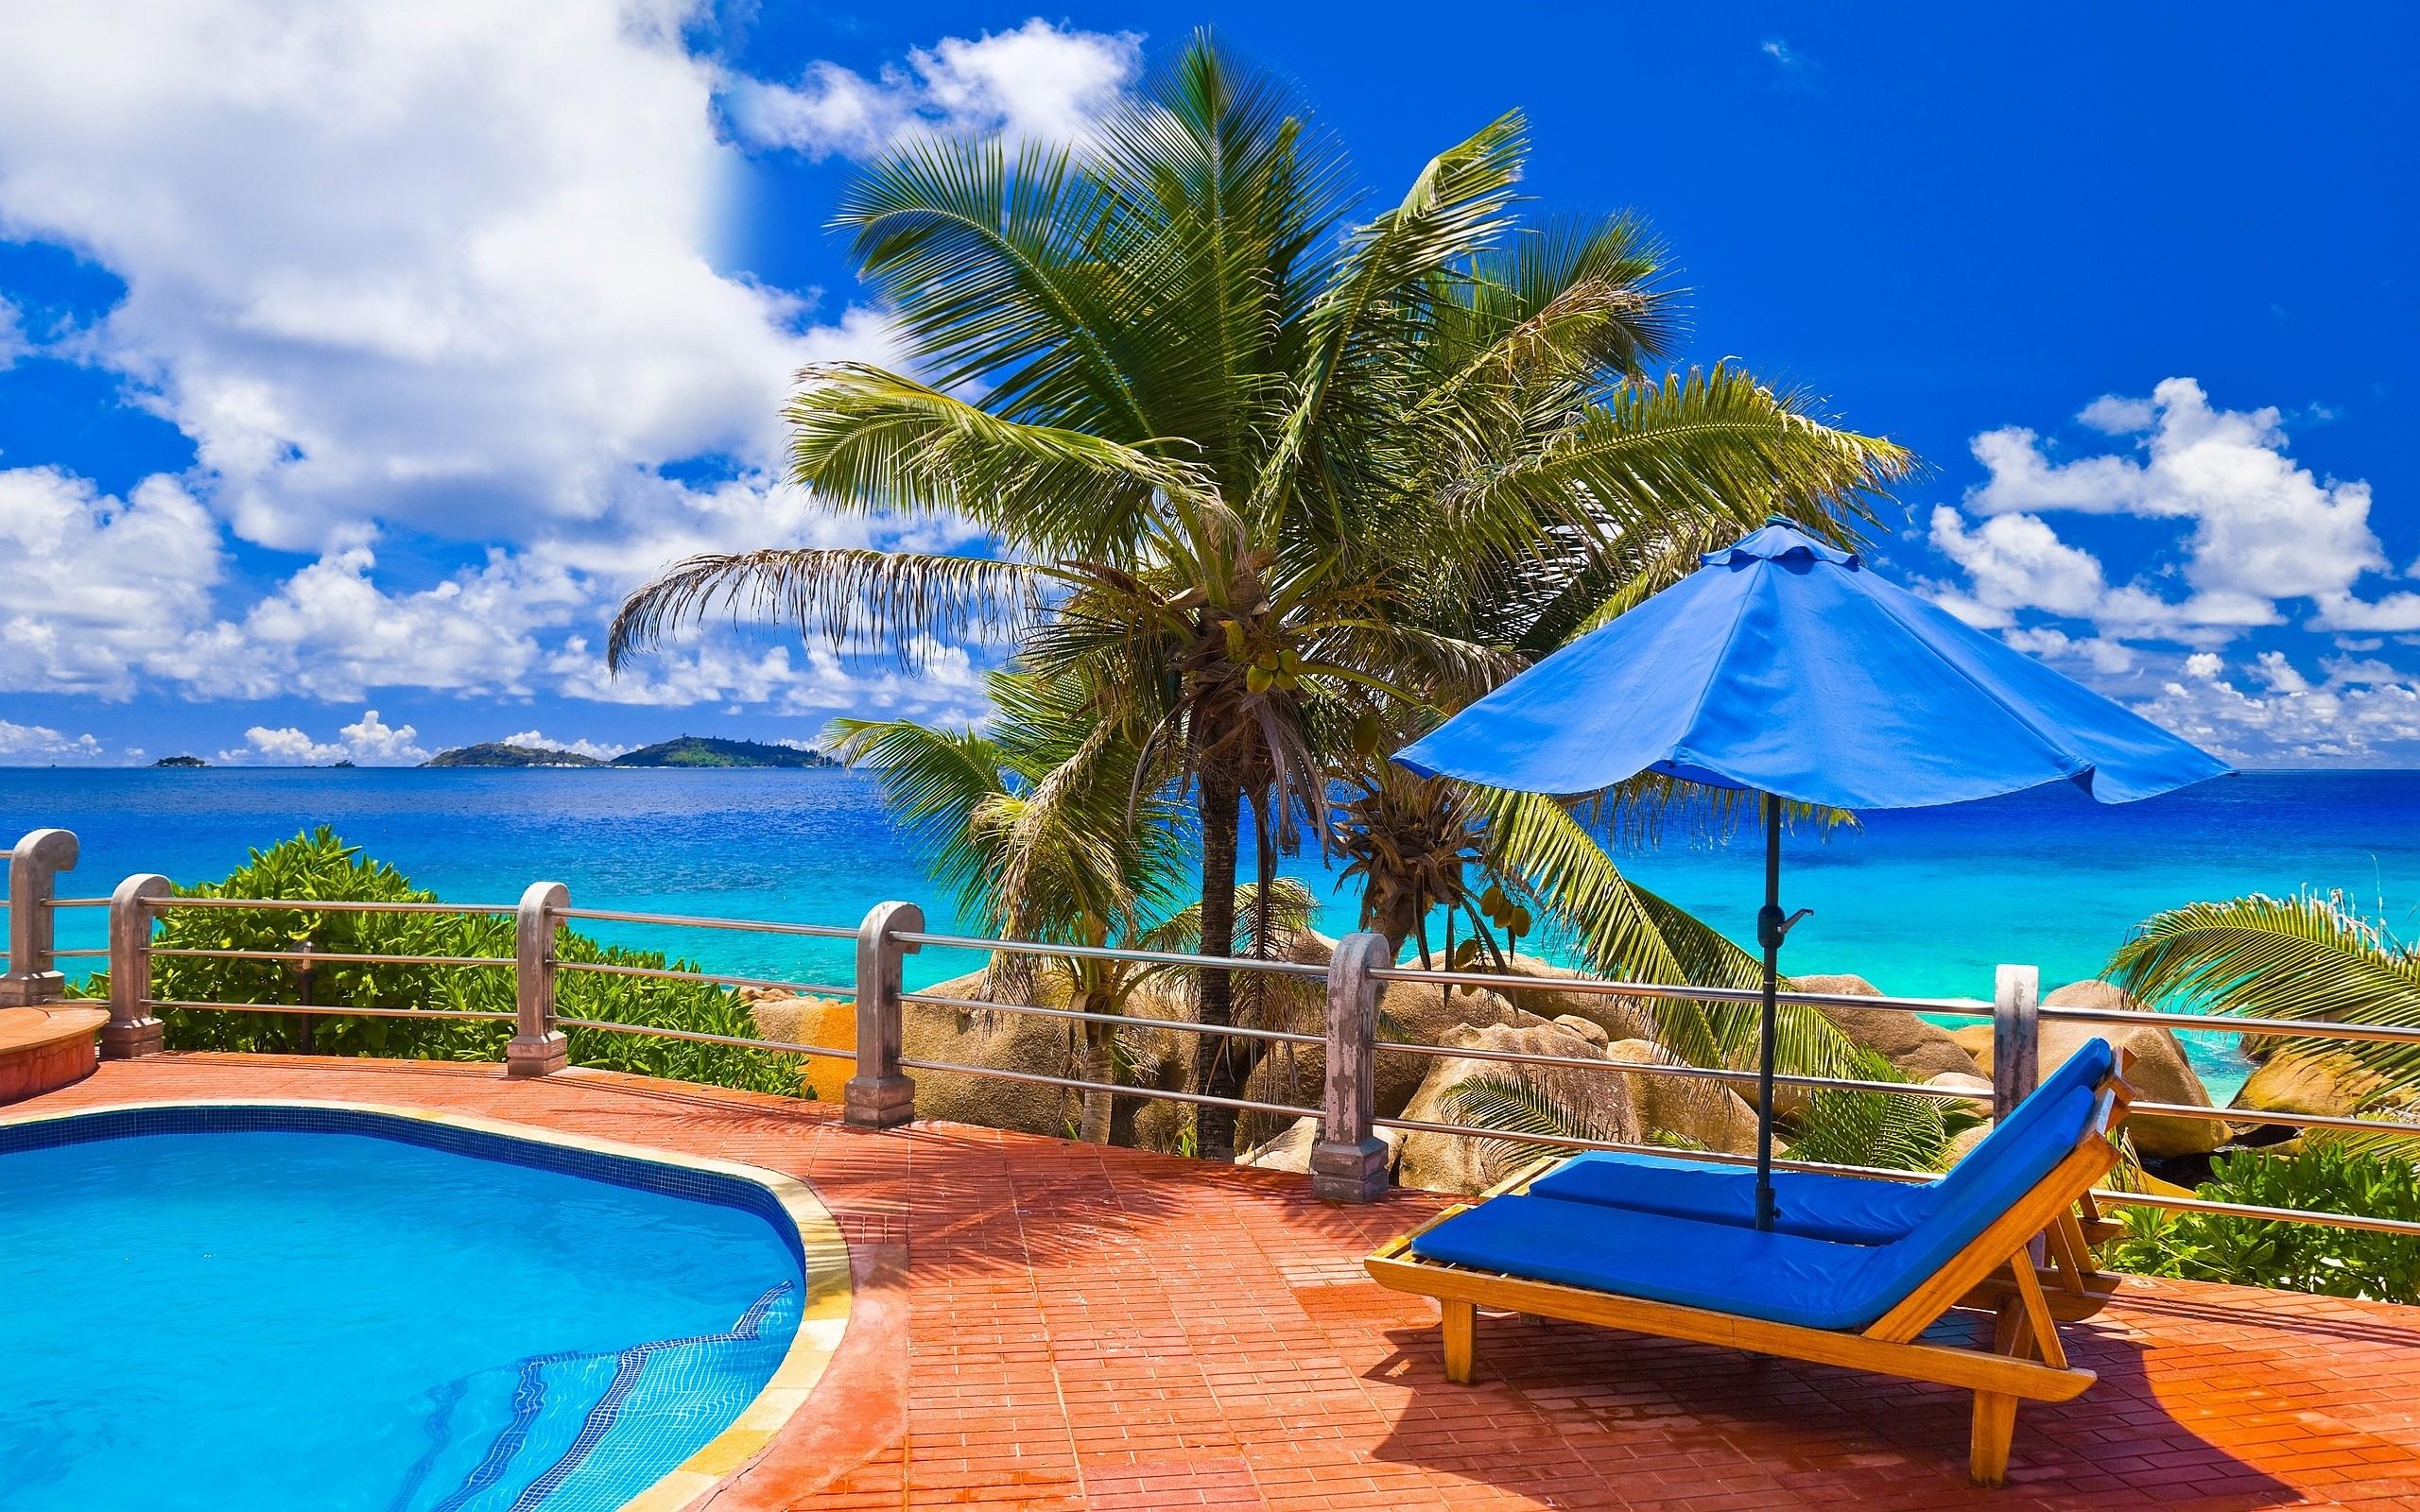 Caribbean Pool